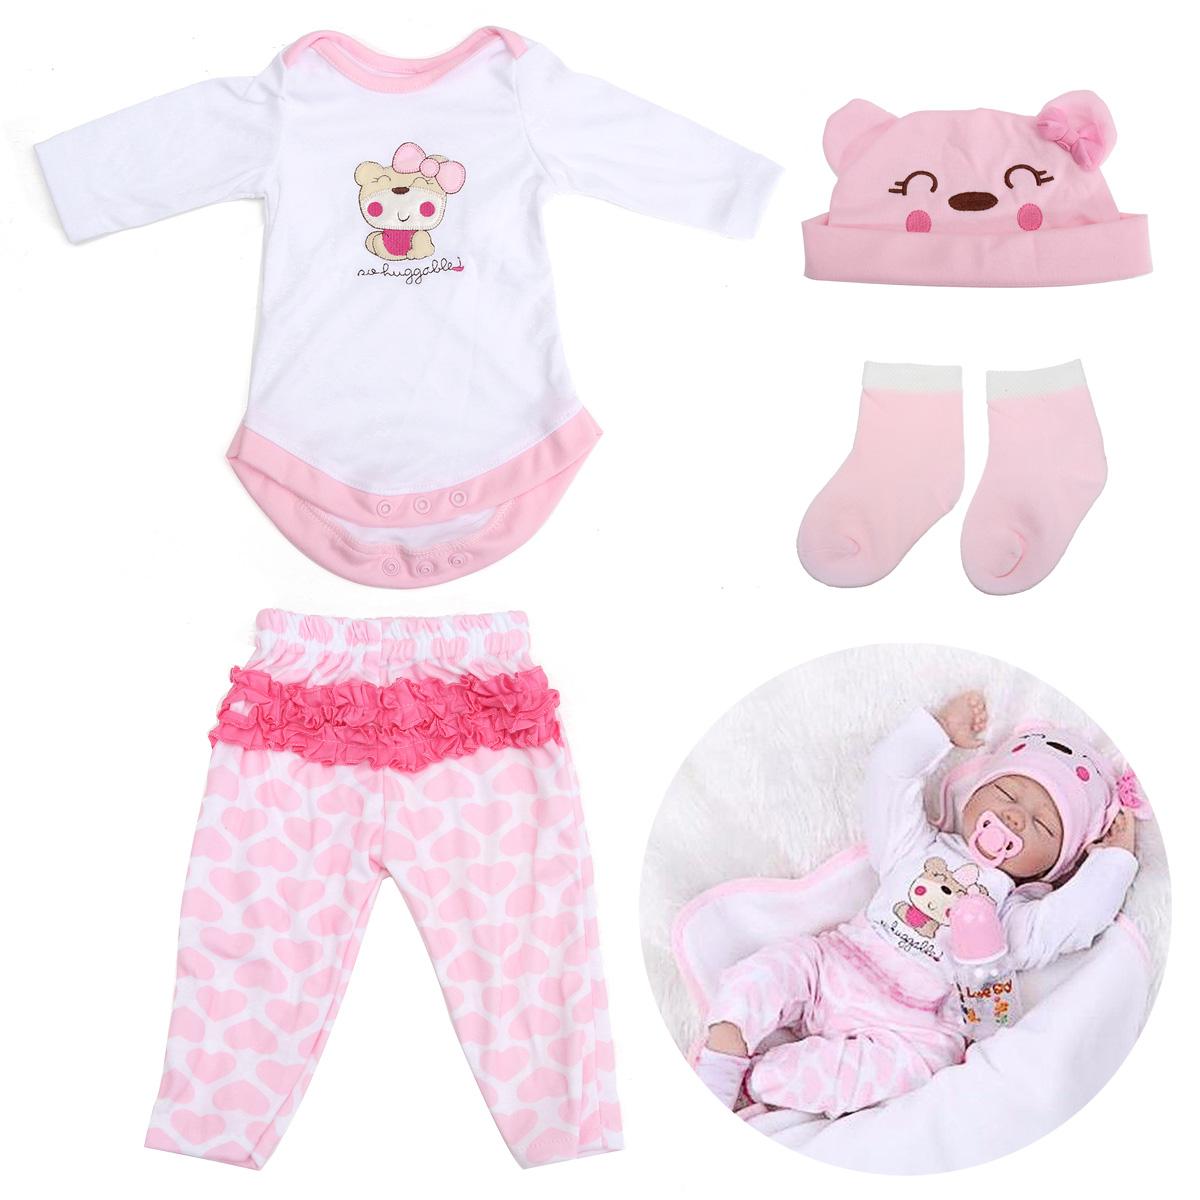 Pink Doll Clothes Set For 22inch Reborn Baby Doll at Banggood